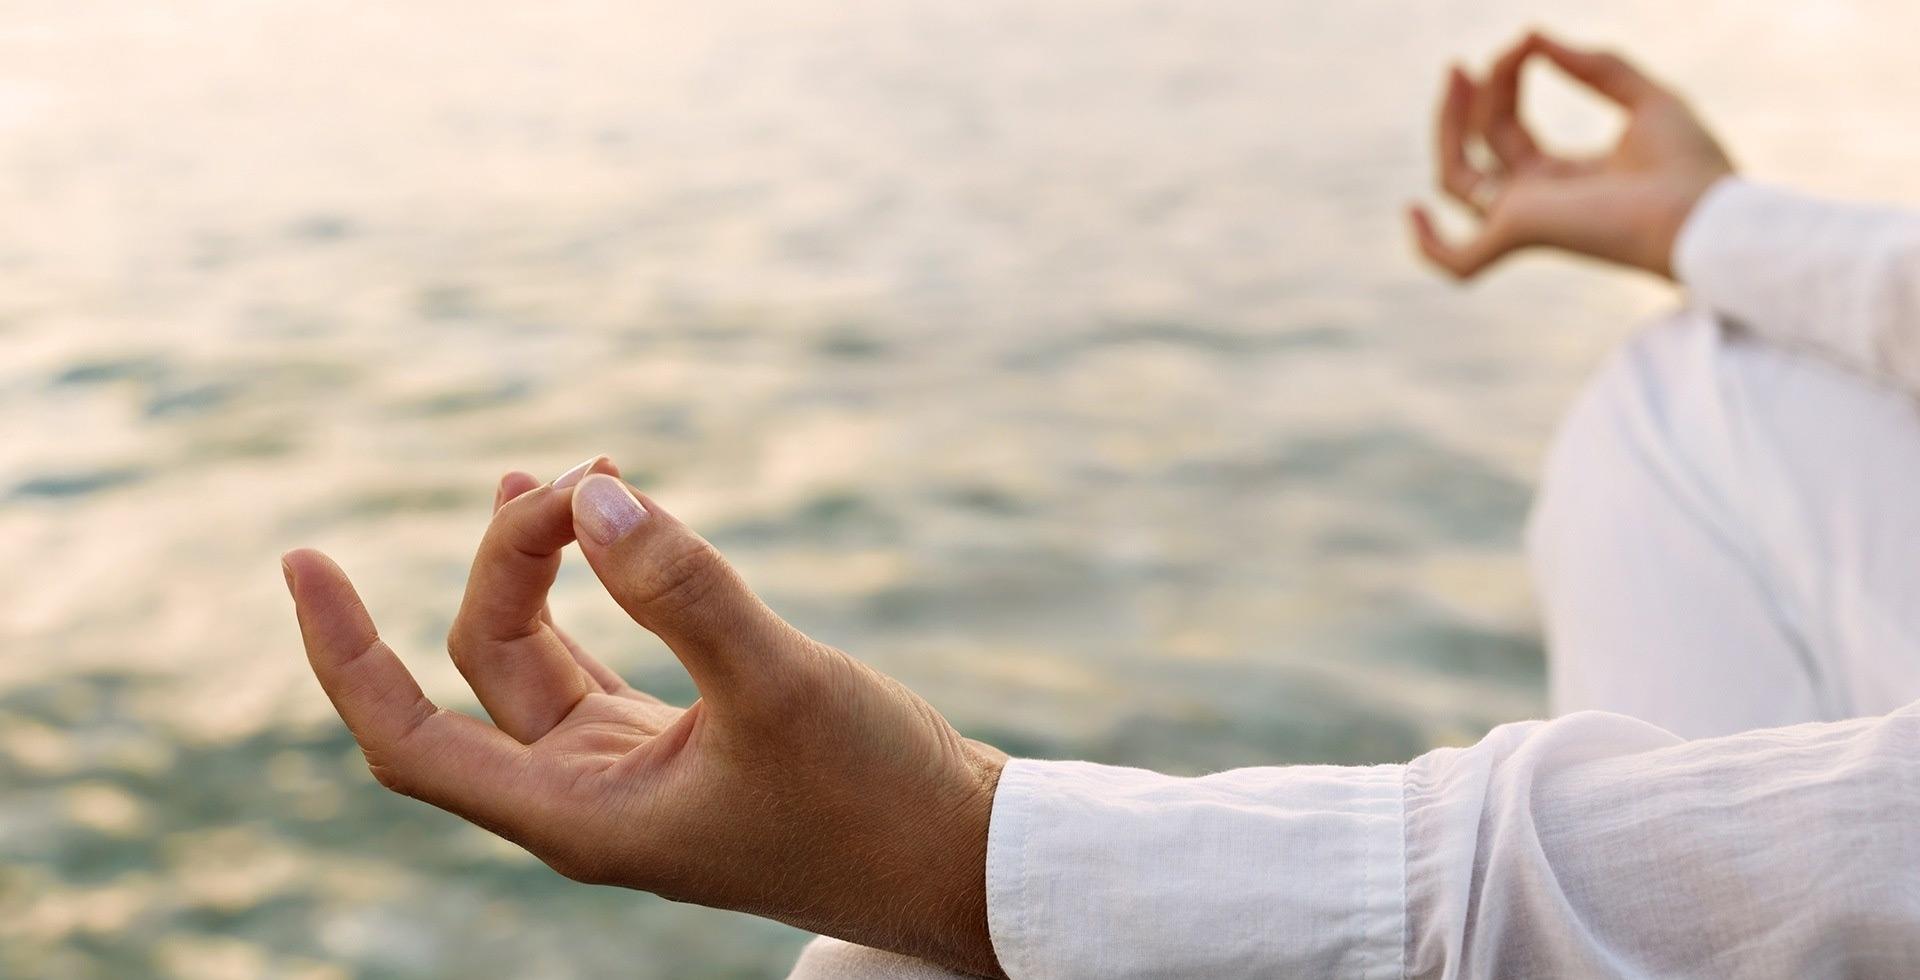 Часть 1. Суть искусства мудр. Условия и правила их выполнения Мудры: искусство управления энергией. Кто управляет энергией, тот управляет миром!